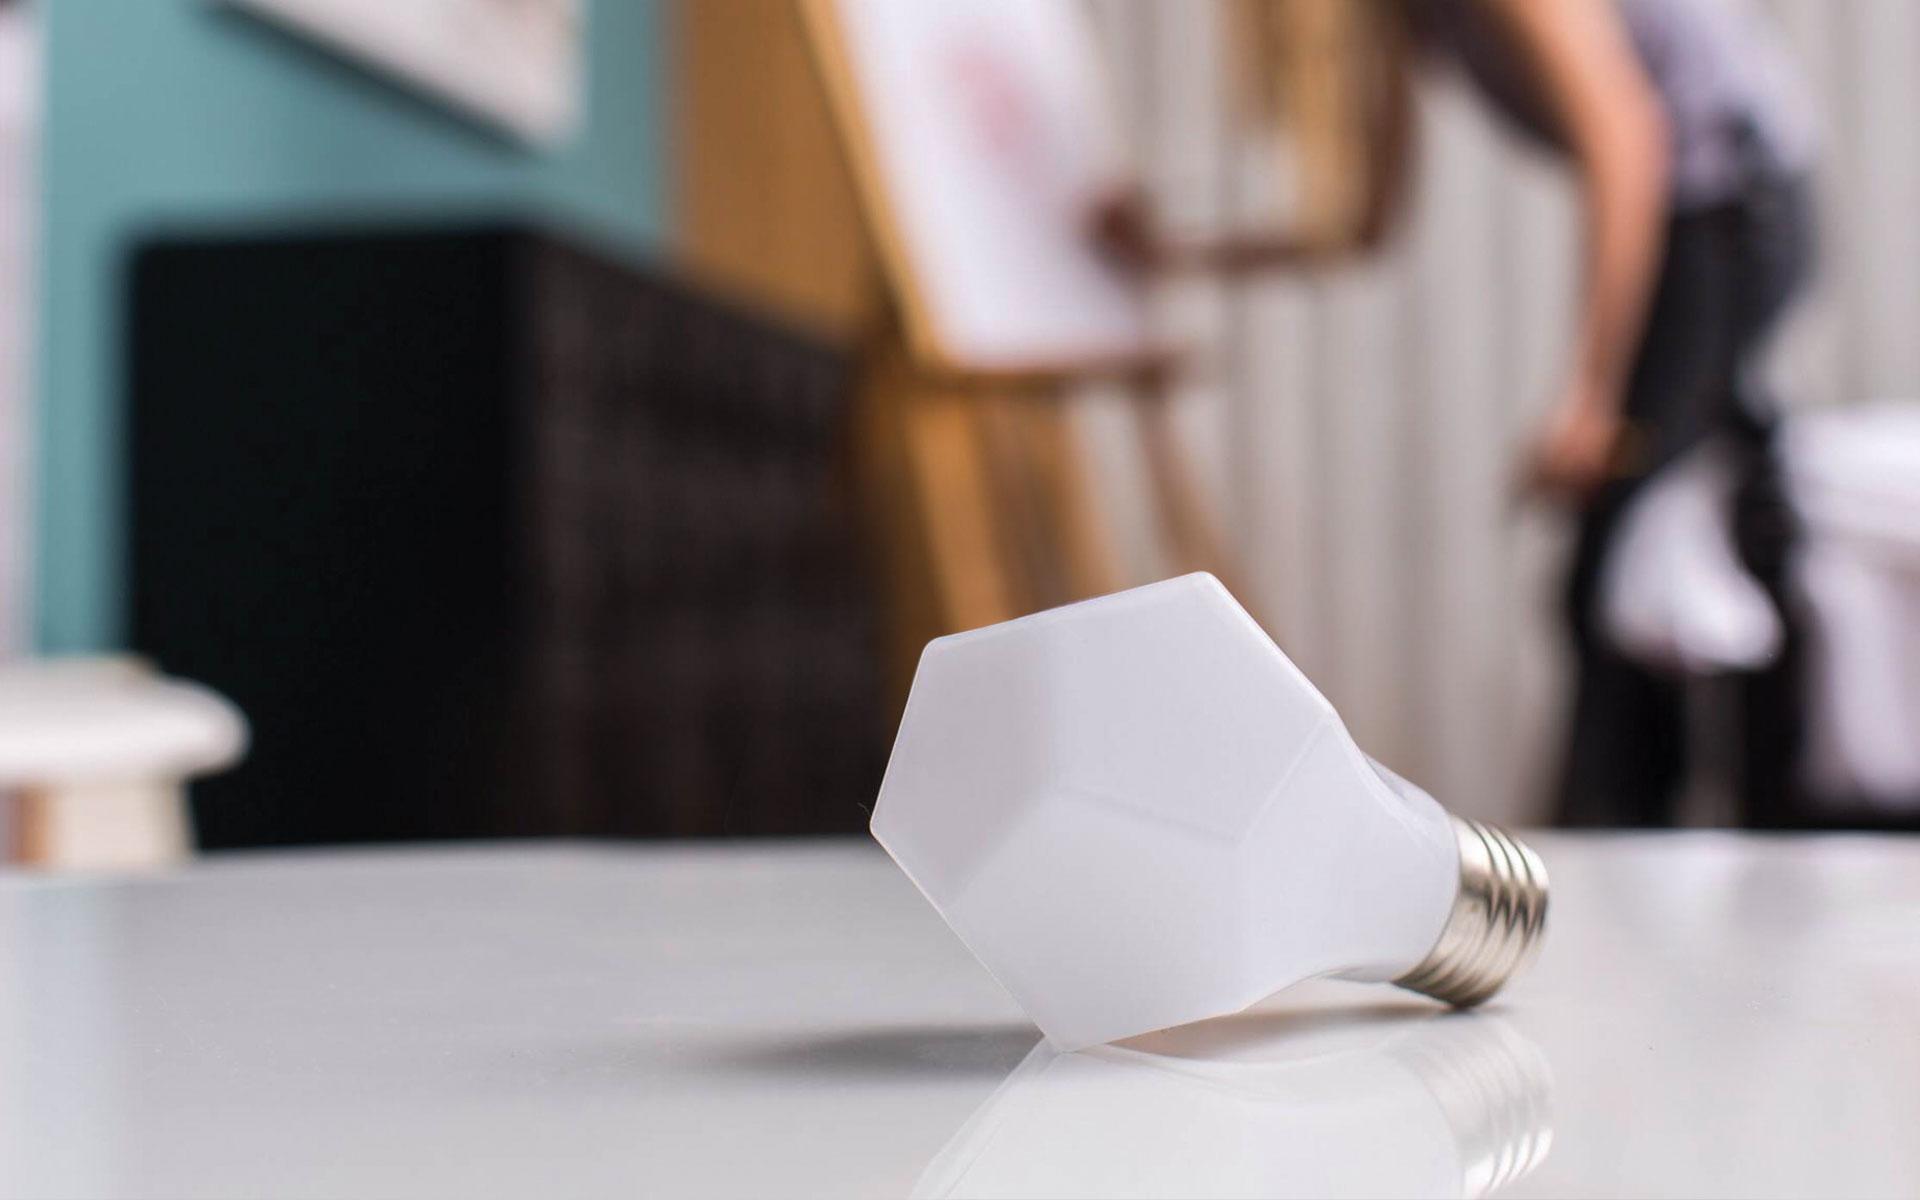 Nanoleaf Bloom and Gem LED Lightbulbs Are Openly Efficient by Design